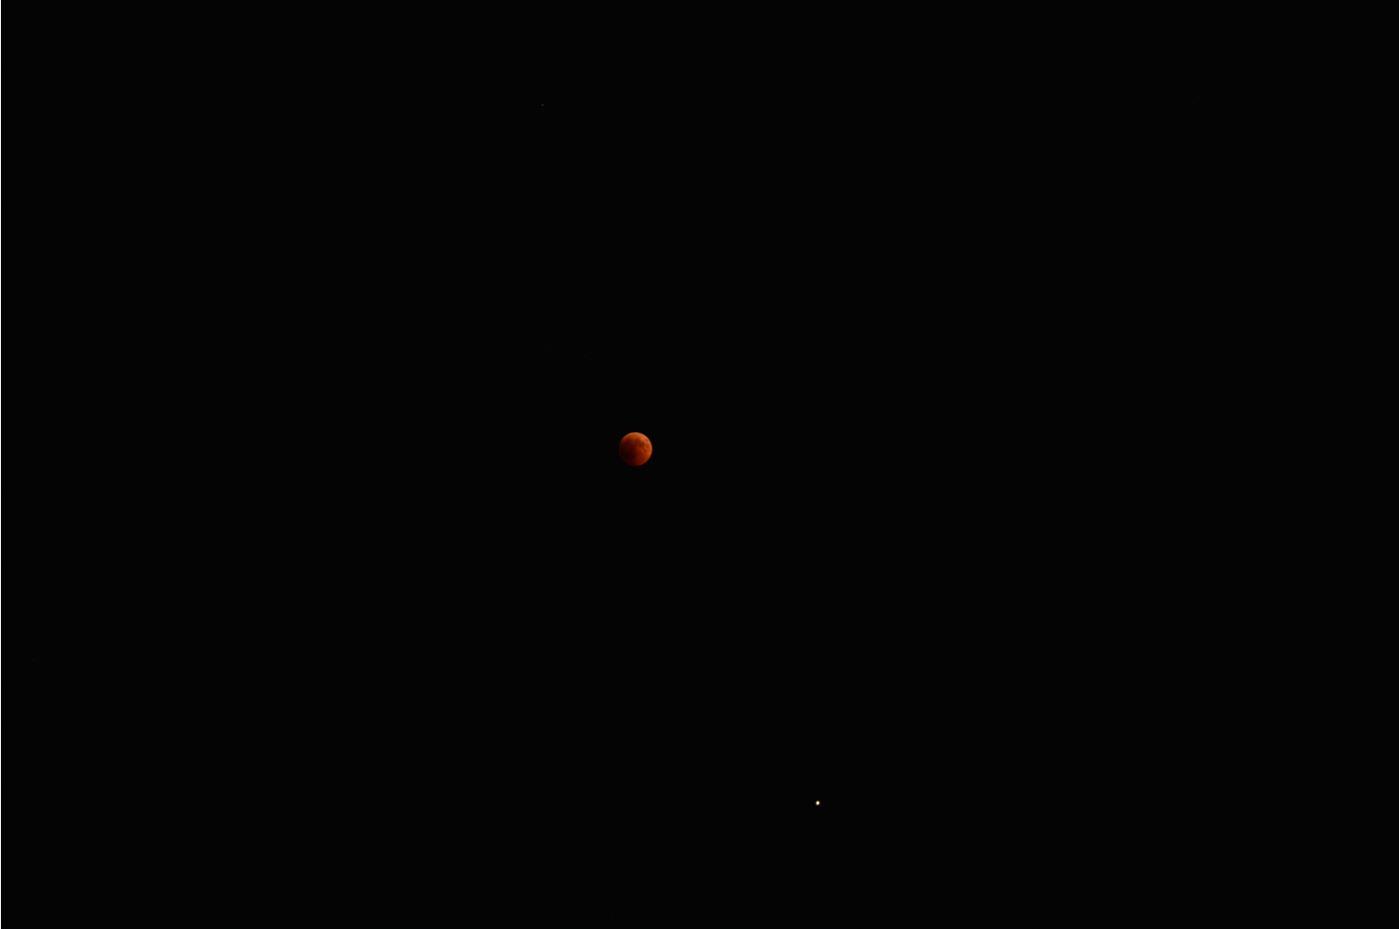 Η Σελήνη με τον Άρη